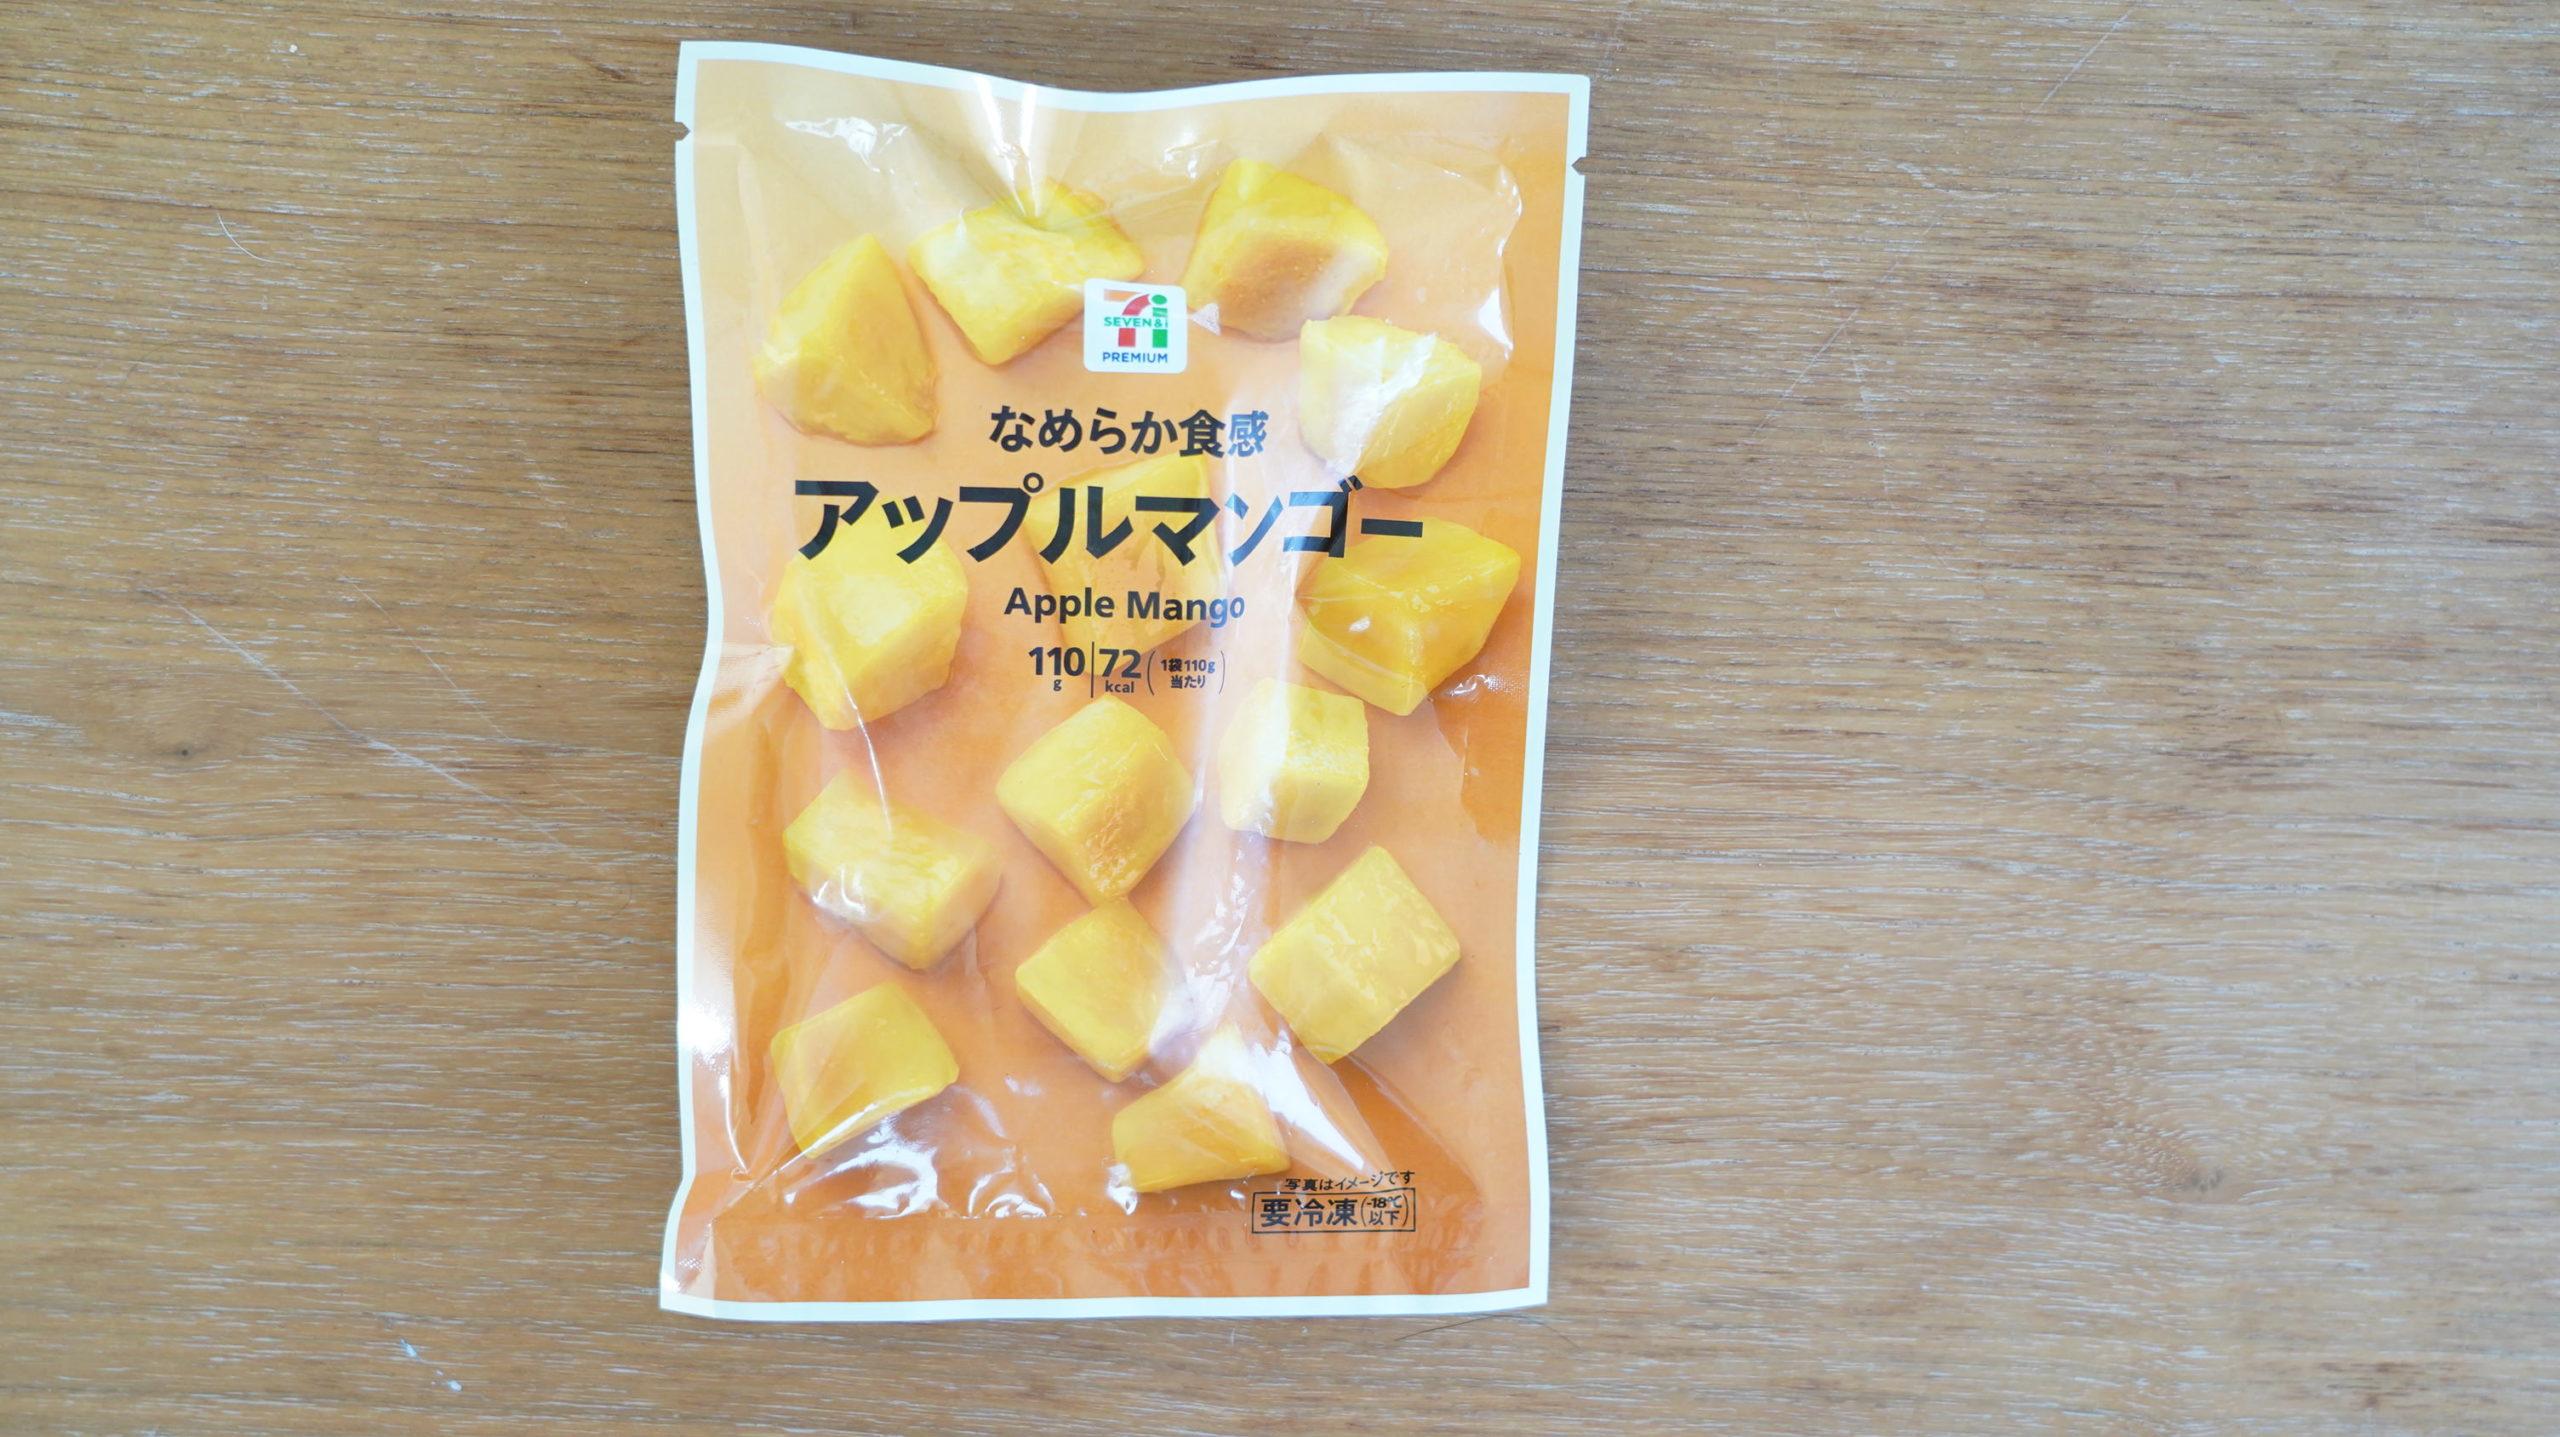 セブンイレブンのおすすめ冷凍食品「アップルマンゴー」のパッケージ写真